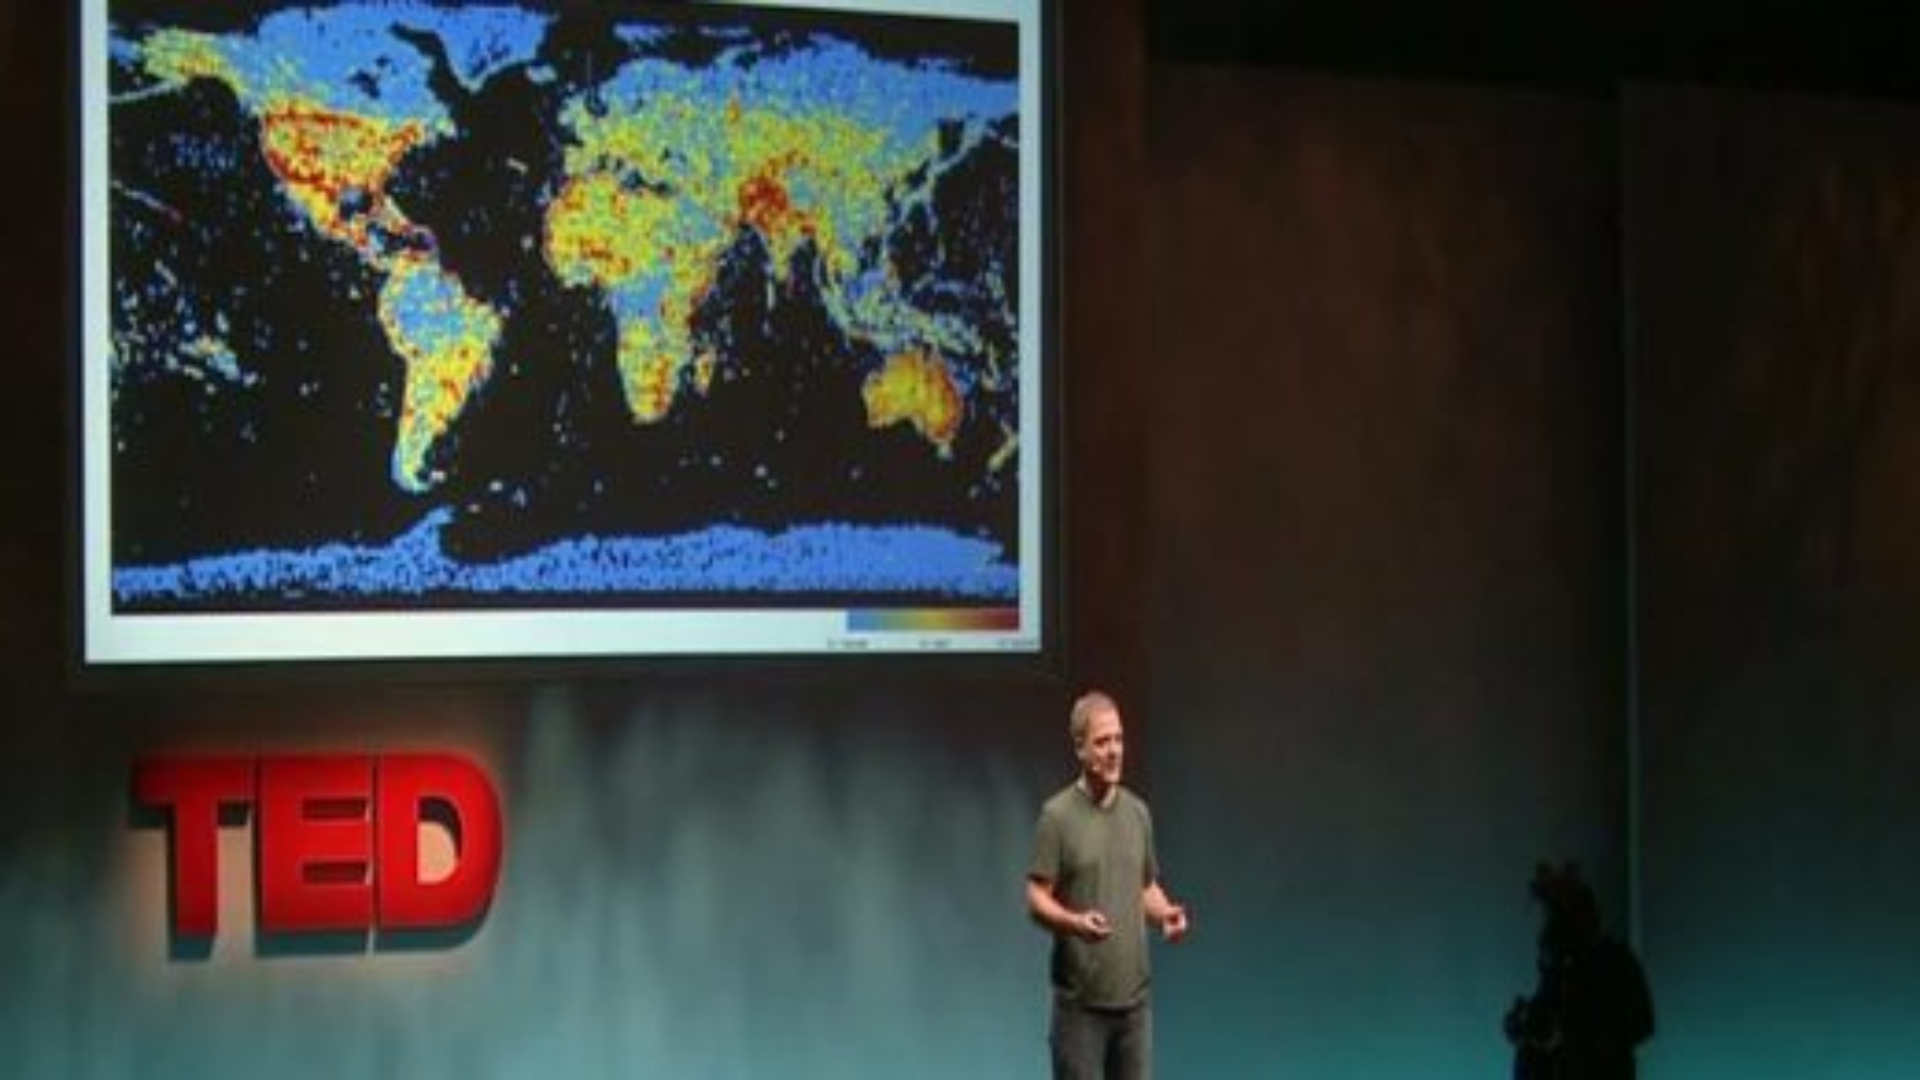 سخنرانیهای تد؛ چگونه بهترین عکسها را از جهان اطرافمان ثبت کنیم | فیلم